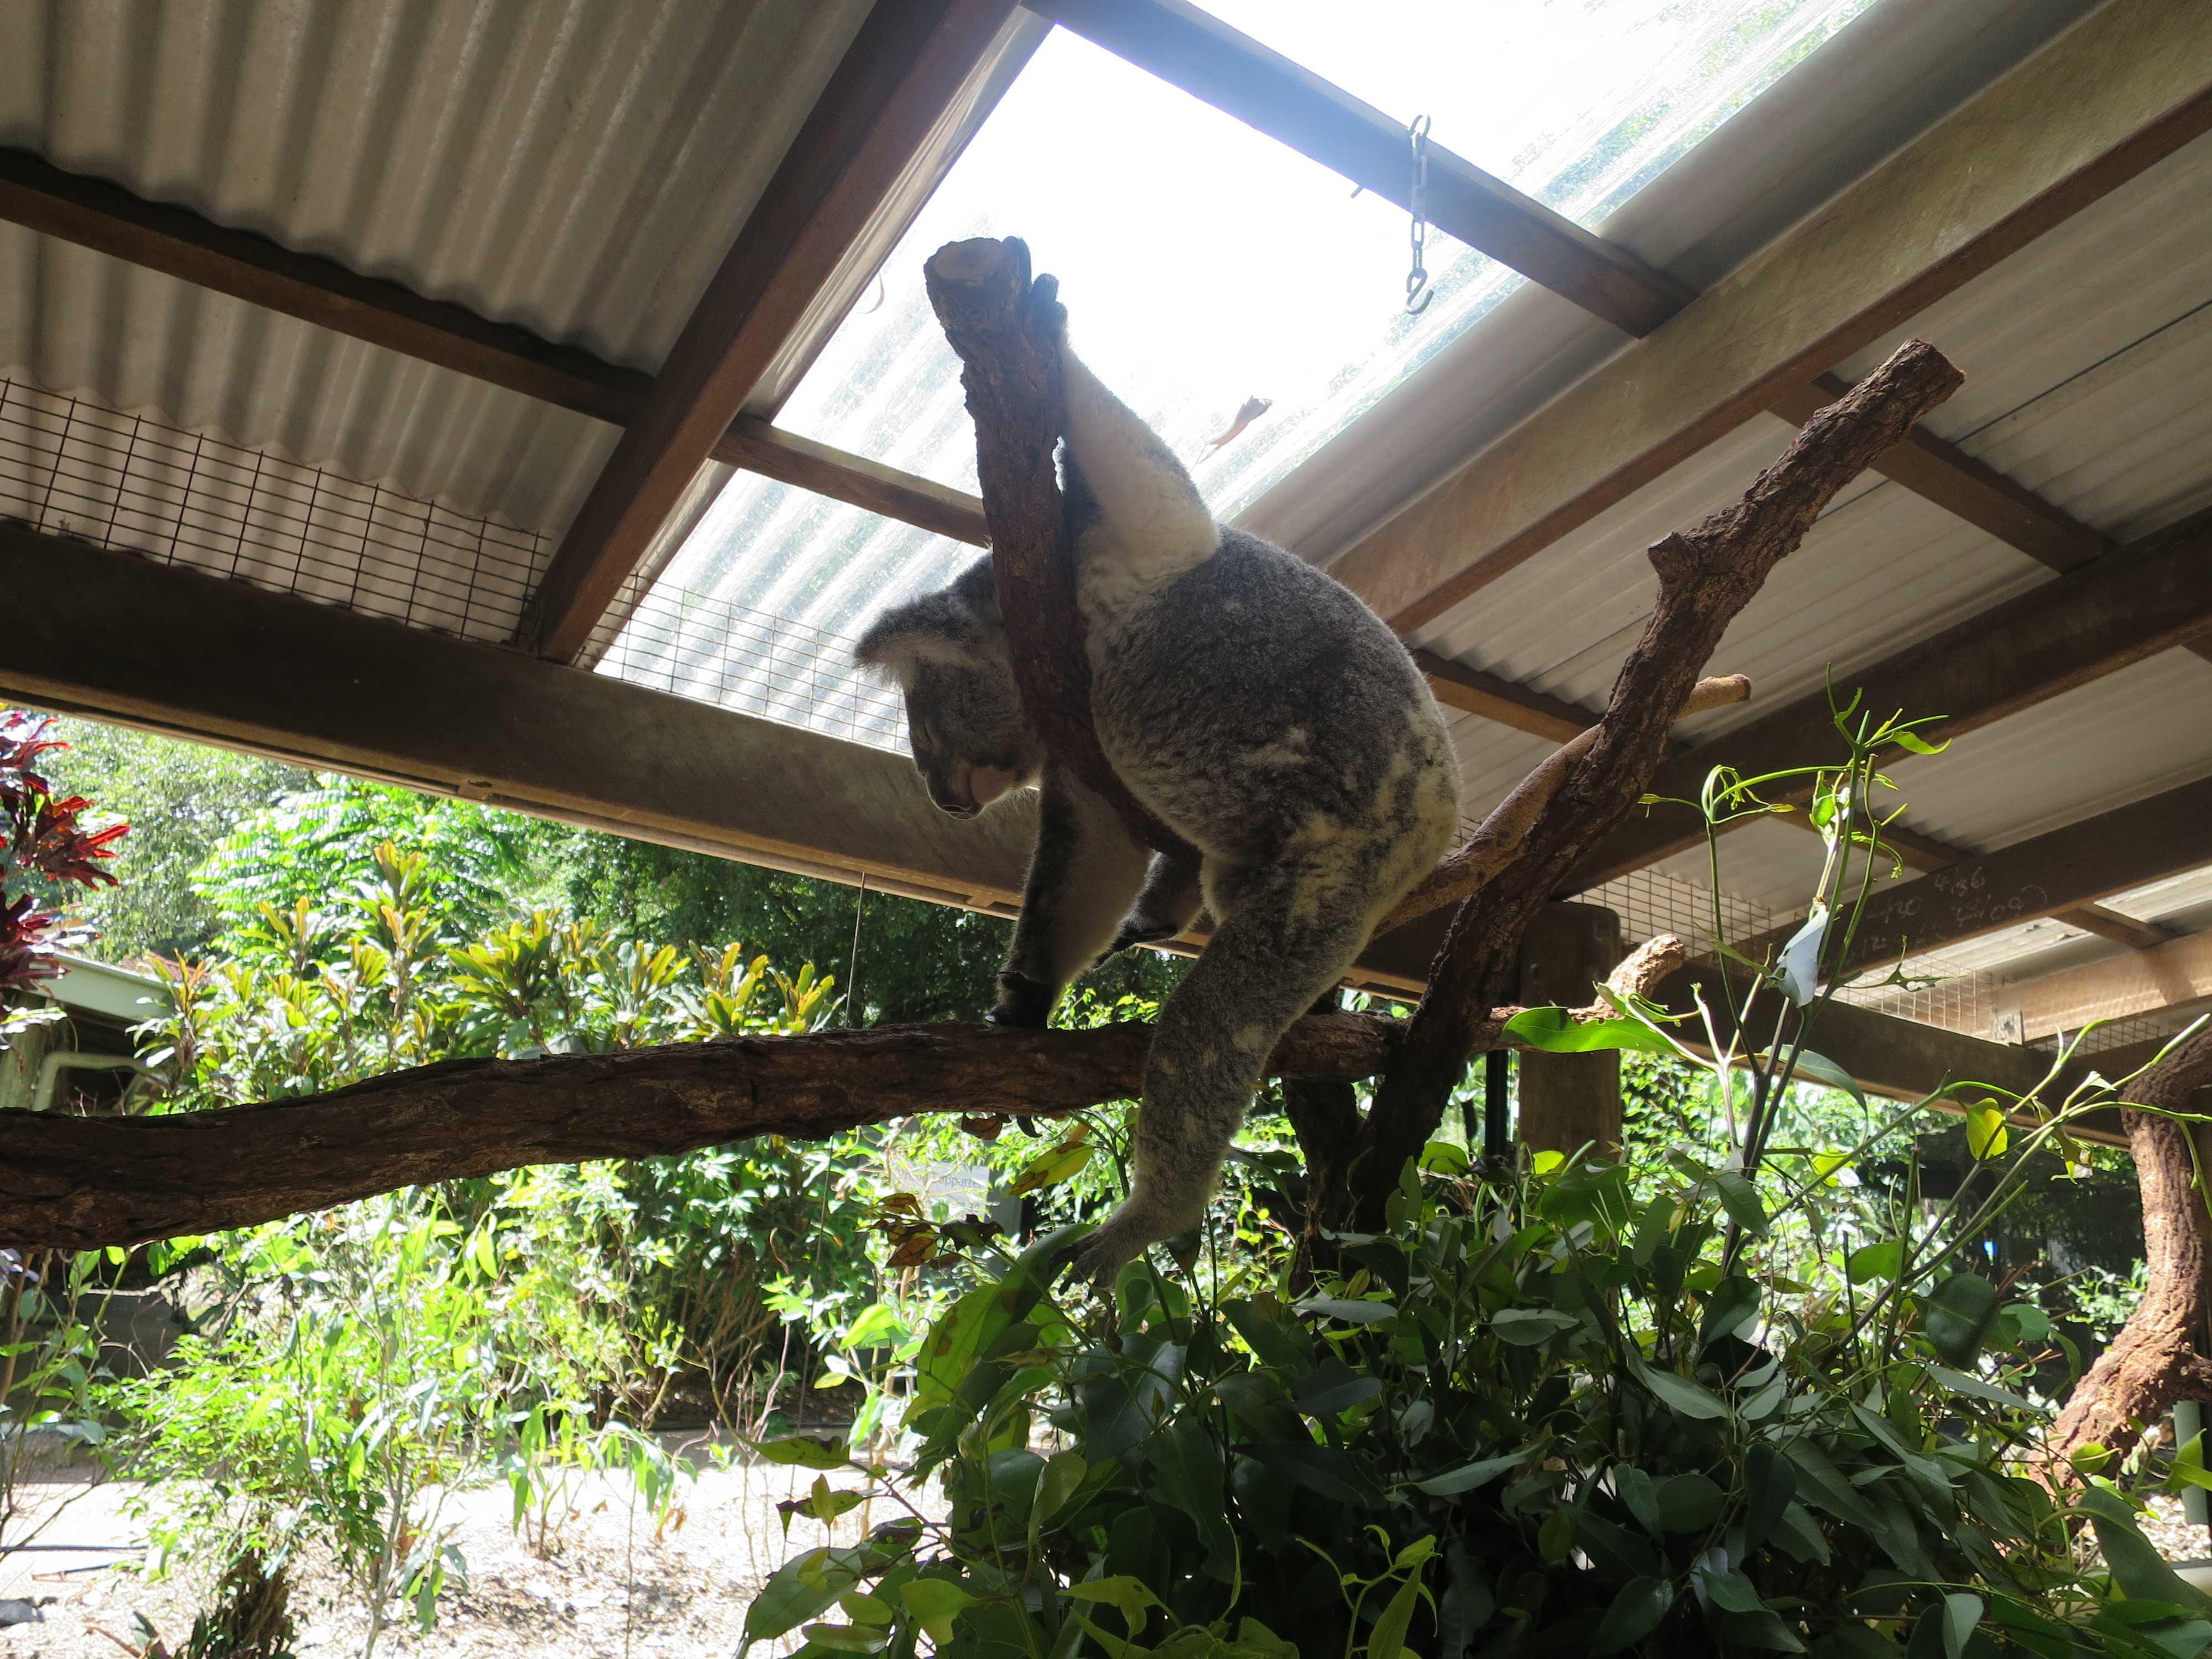 ケアンズトロピカルズー - かわいいコアラ